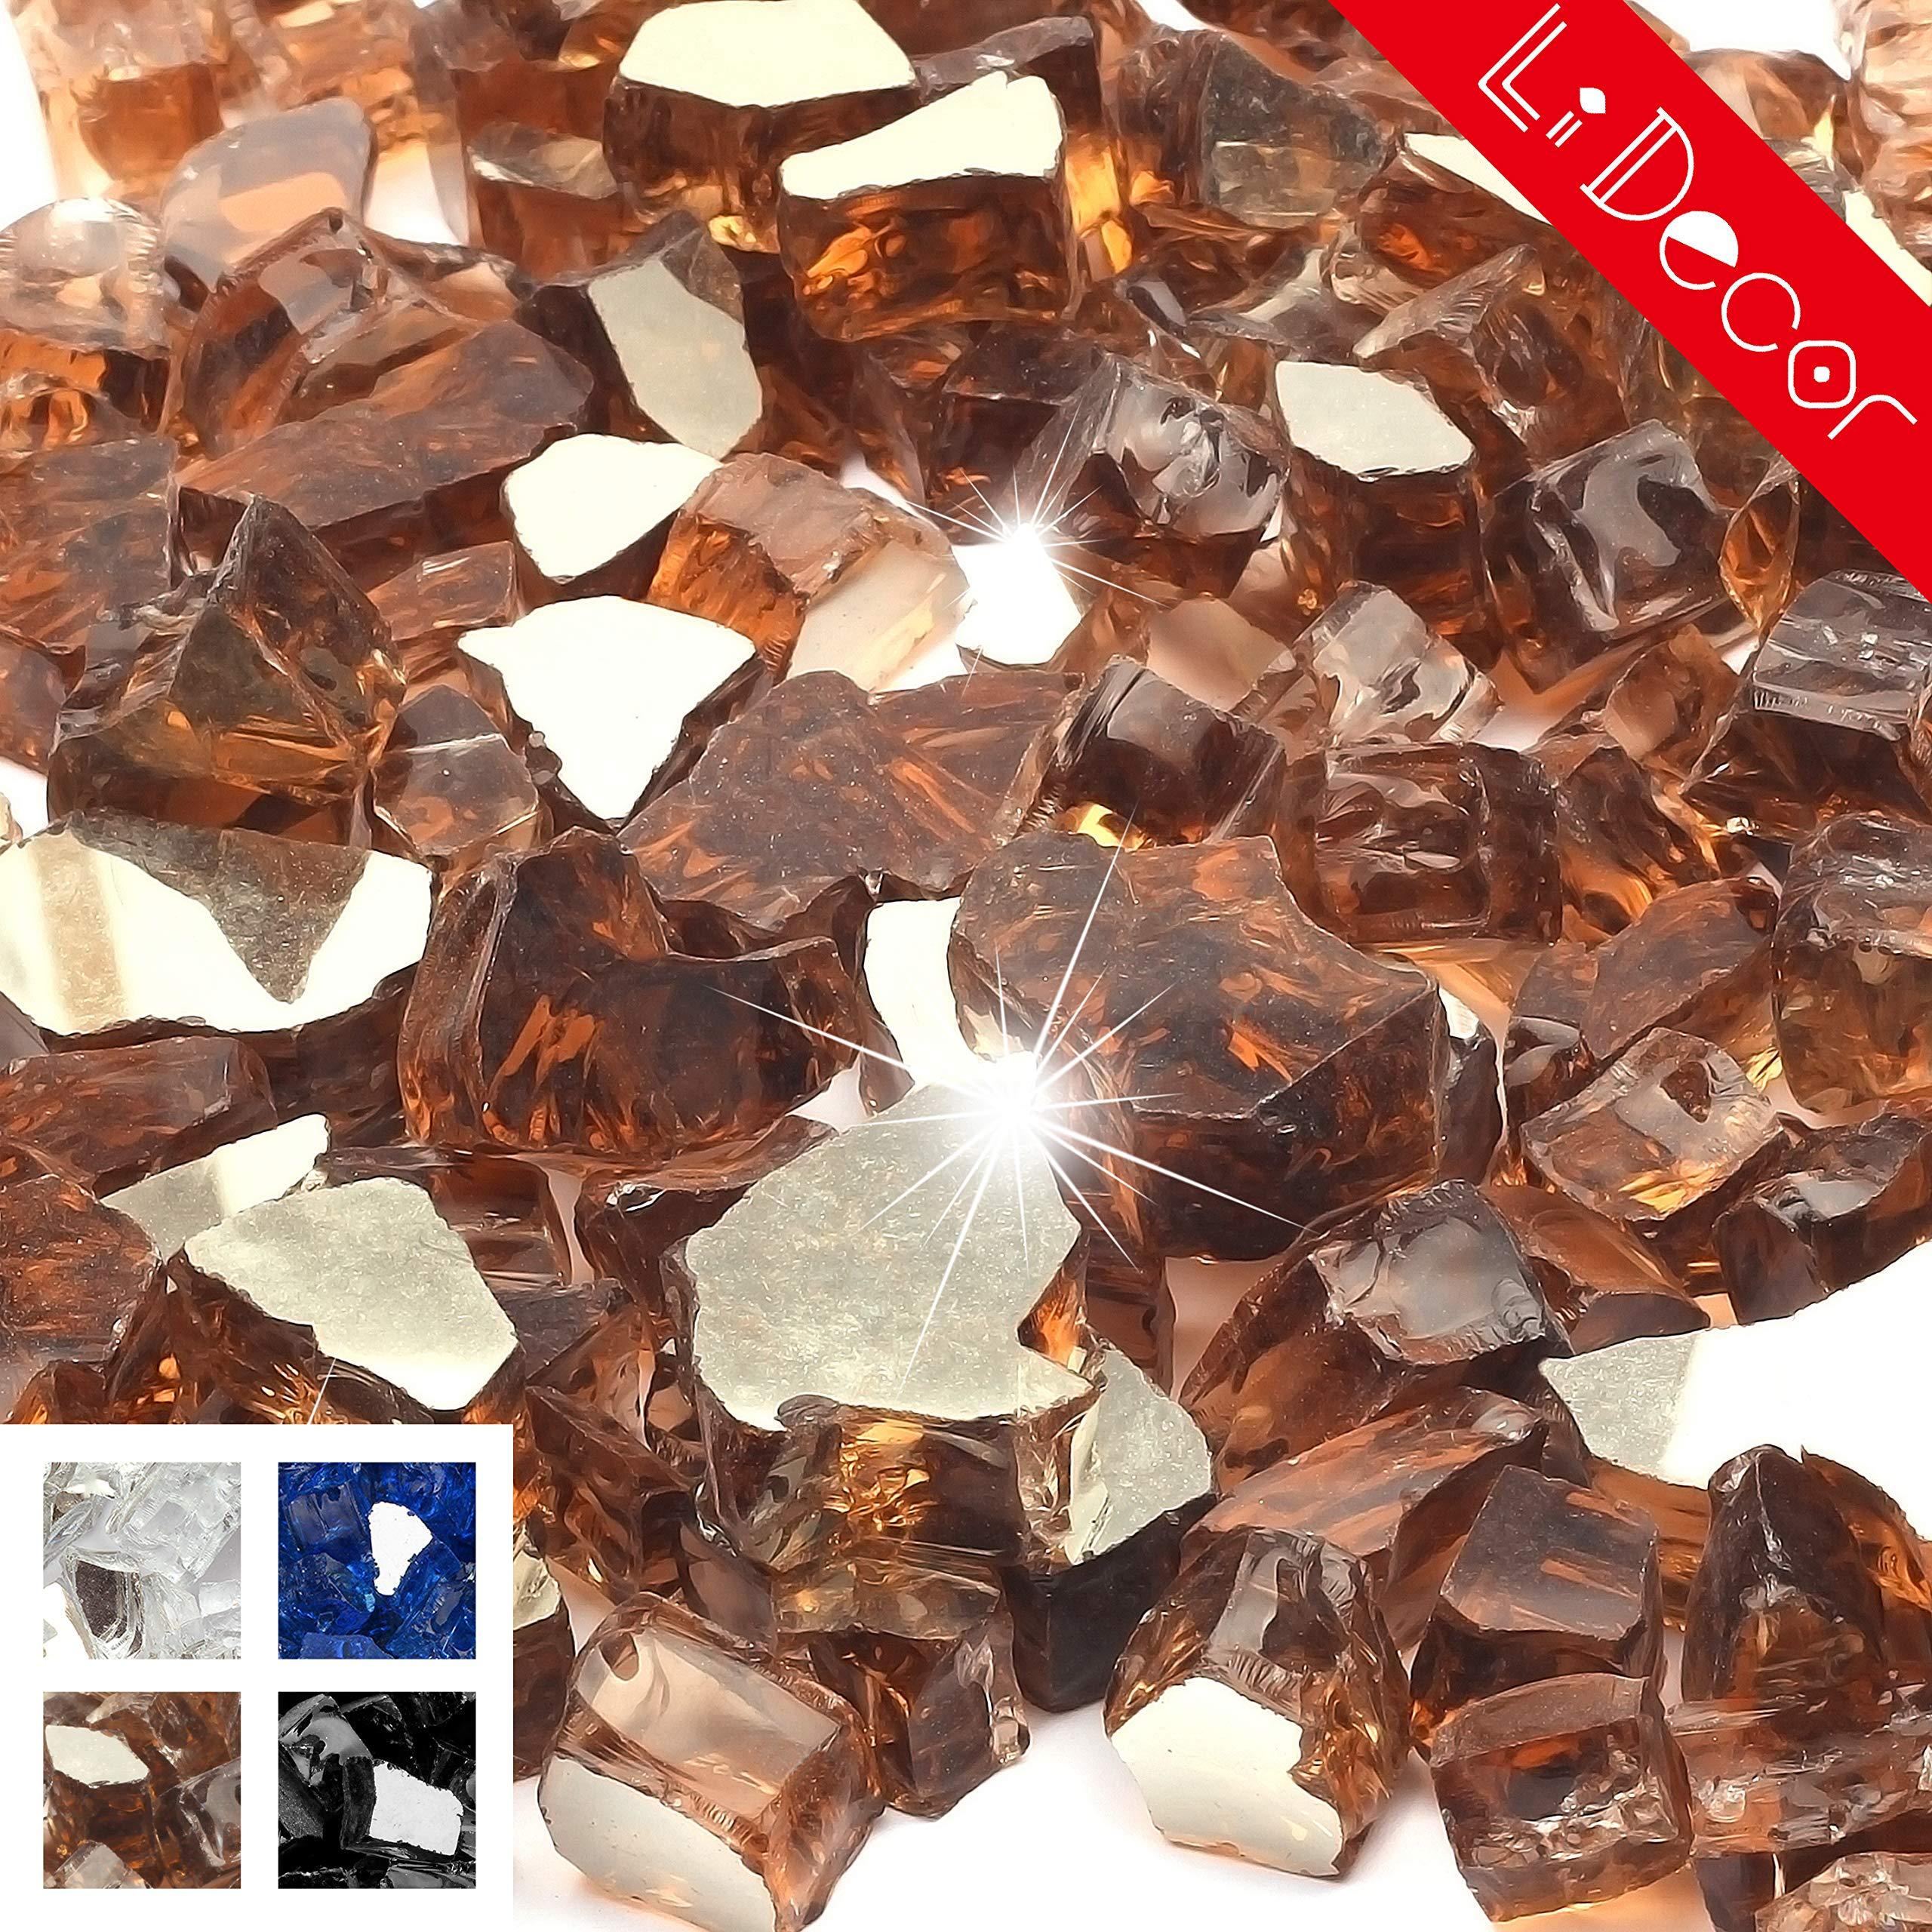 Li Decor 10 Pounds 1/2 Inch Fire Glass High Luster Tempered FireglassOutdoor Rich Copper Reflective